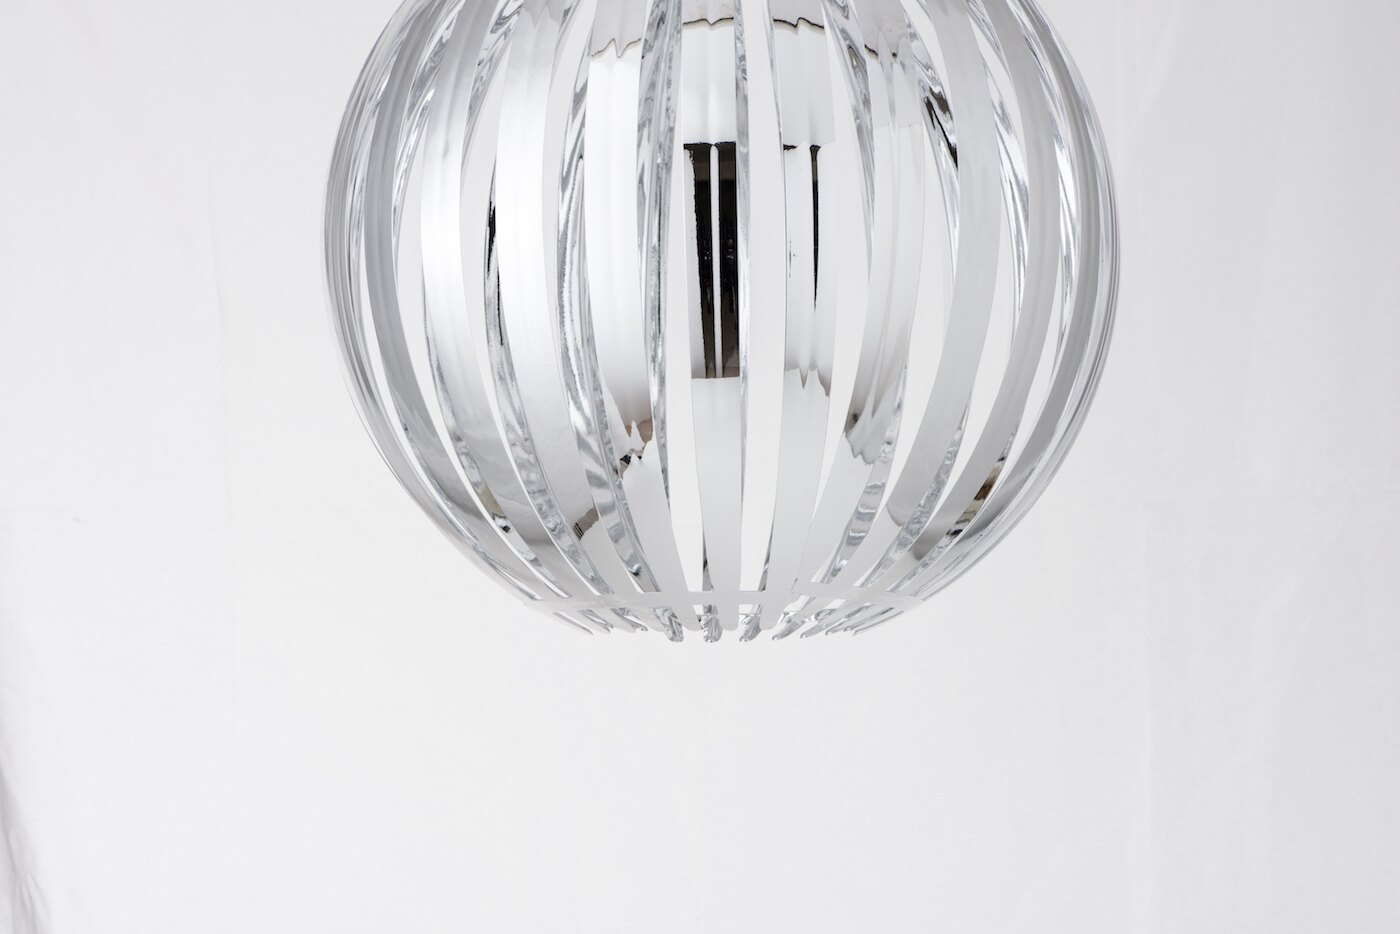 鍍鉻條圓形吊燈-BNL00054 4